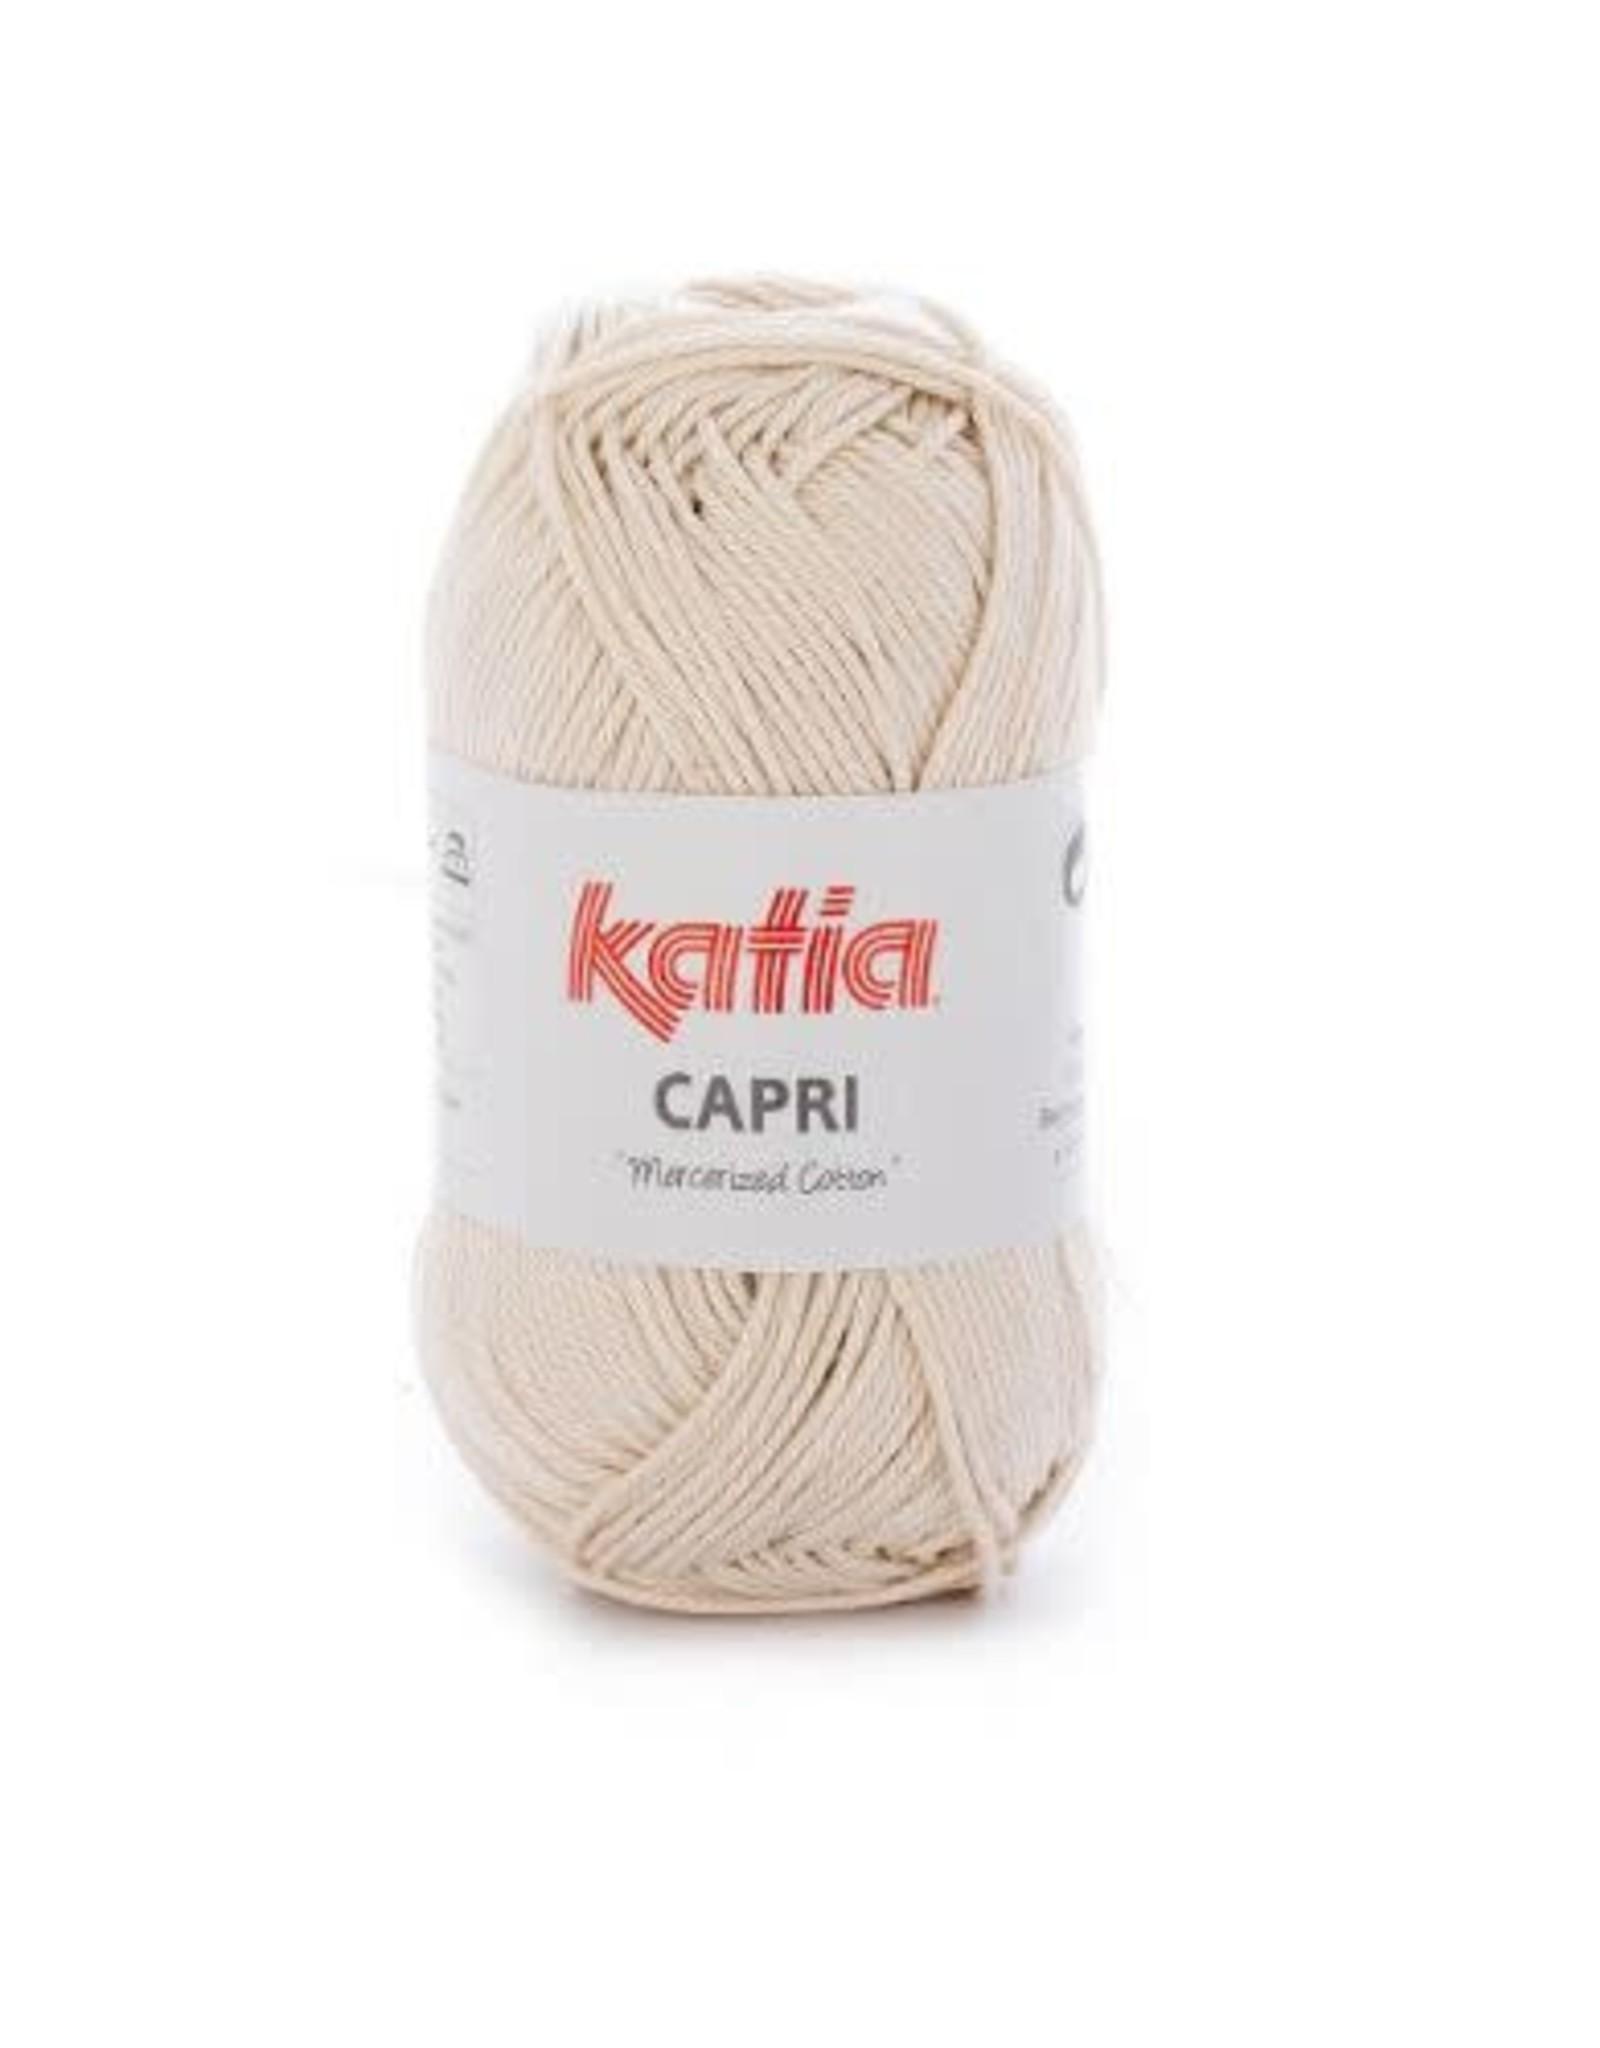 Katia Garen Capri katoen 82141 zeer licht beige